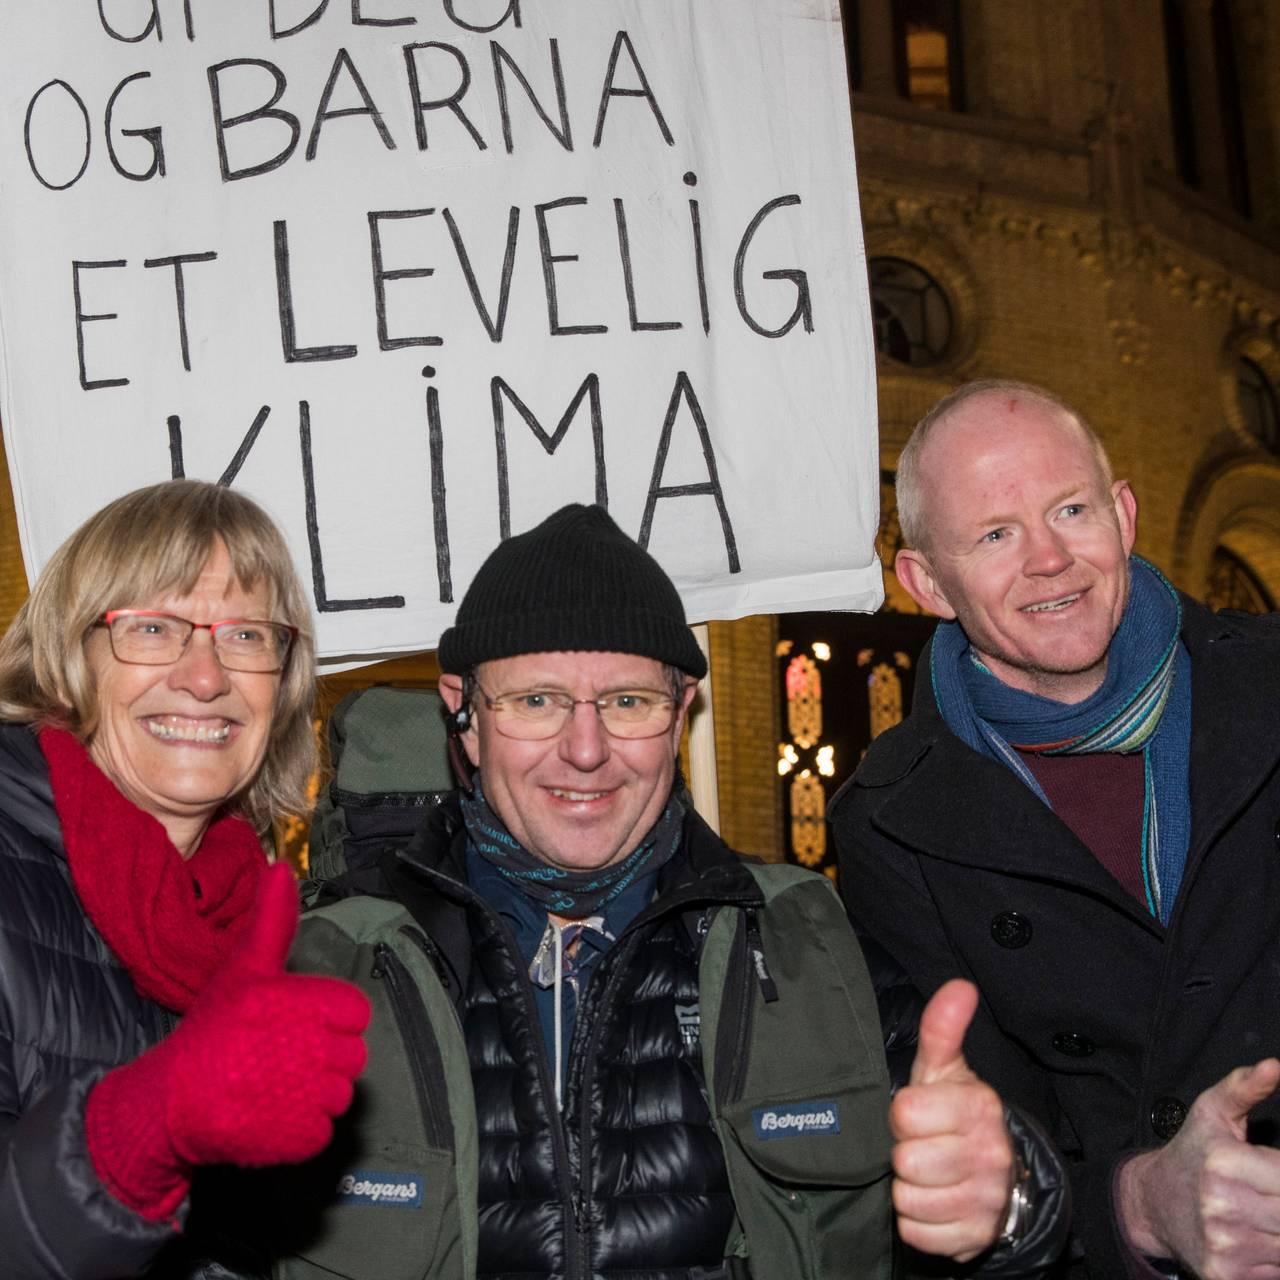 Karin Andersen, Thomas Cottis og Lars Haltbrekken utenfor Stortinget med plakat med budskap om å redde klima.